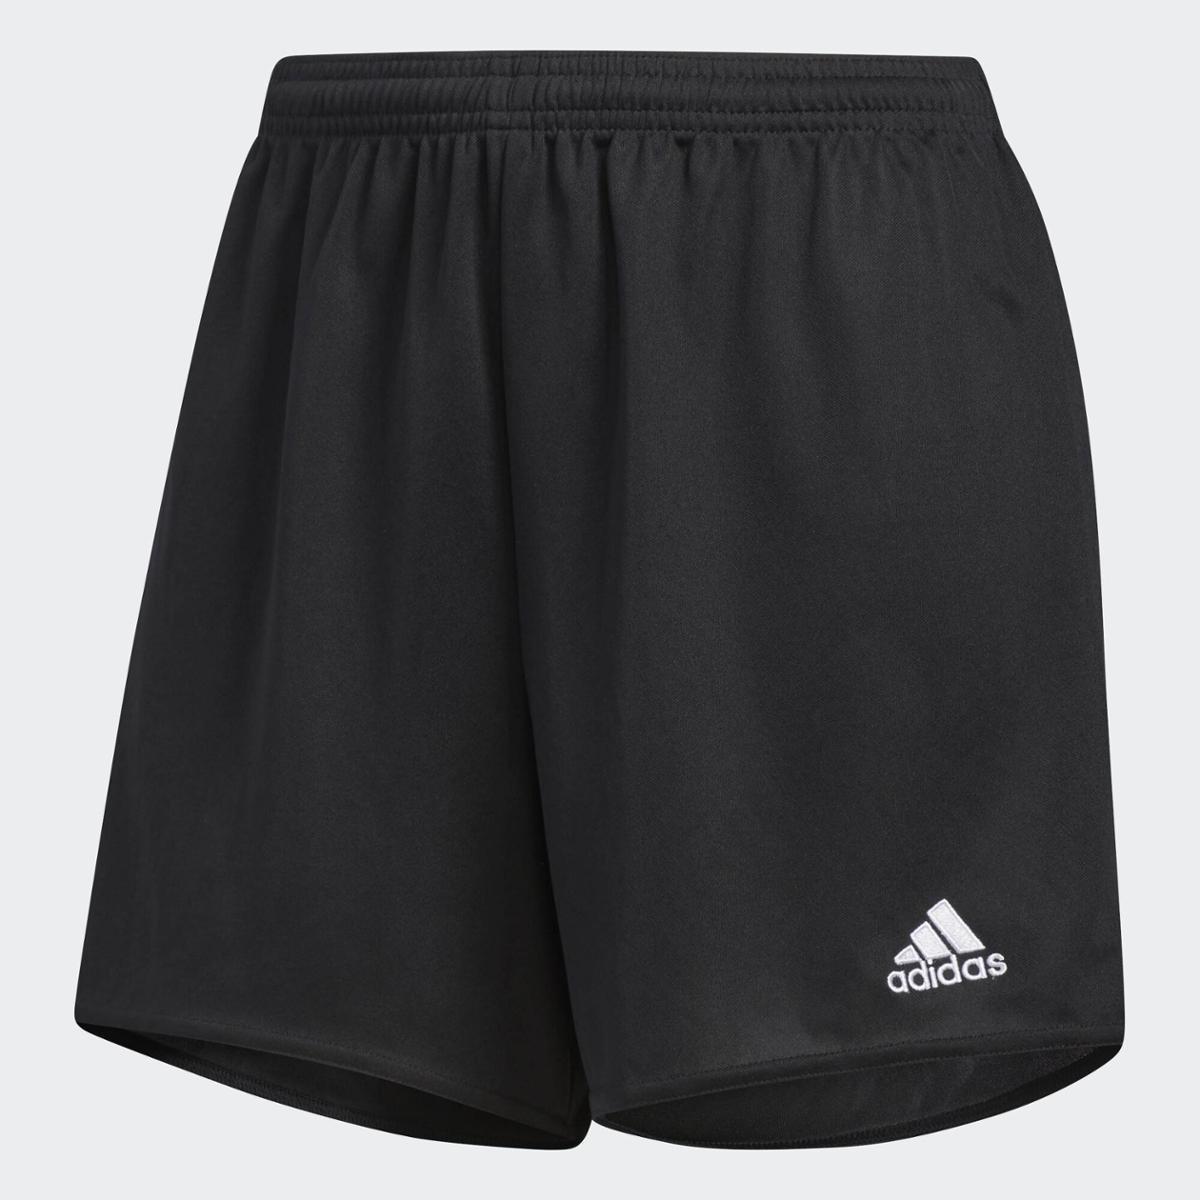 Shorts Adidas Parma Feminino